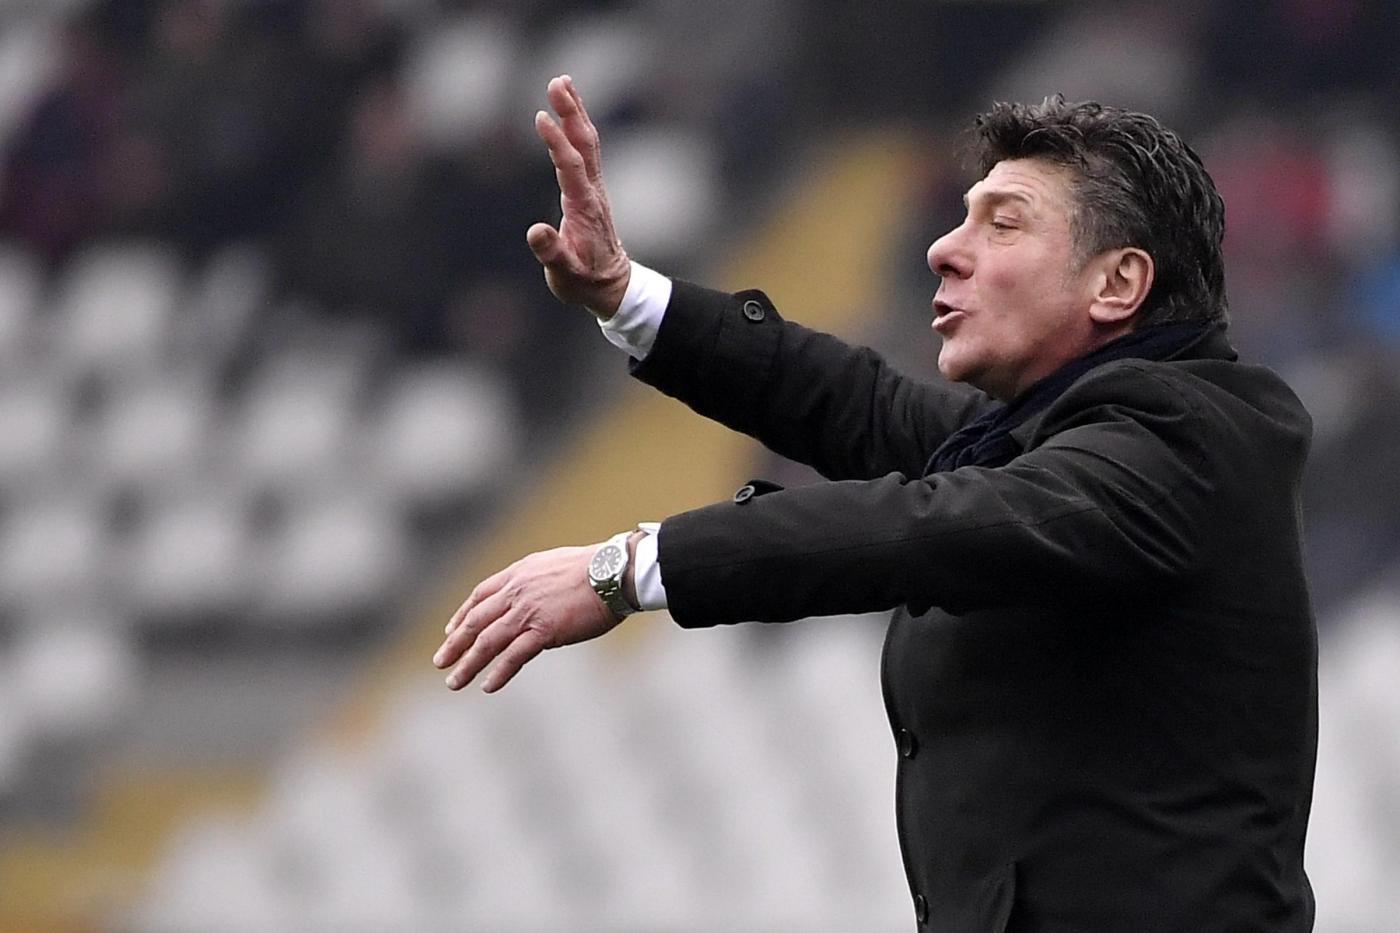 Il Torino spazza via un Bologna imbarazzante, Mazzarri debutta con un 3-0